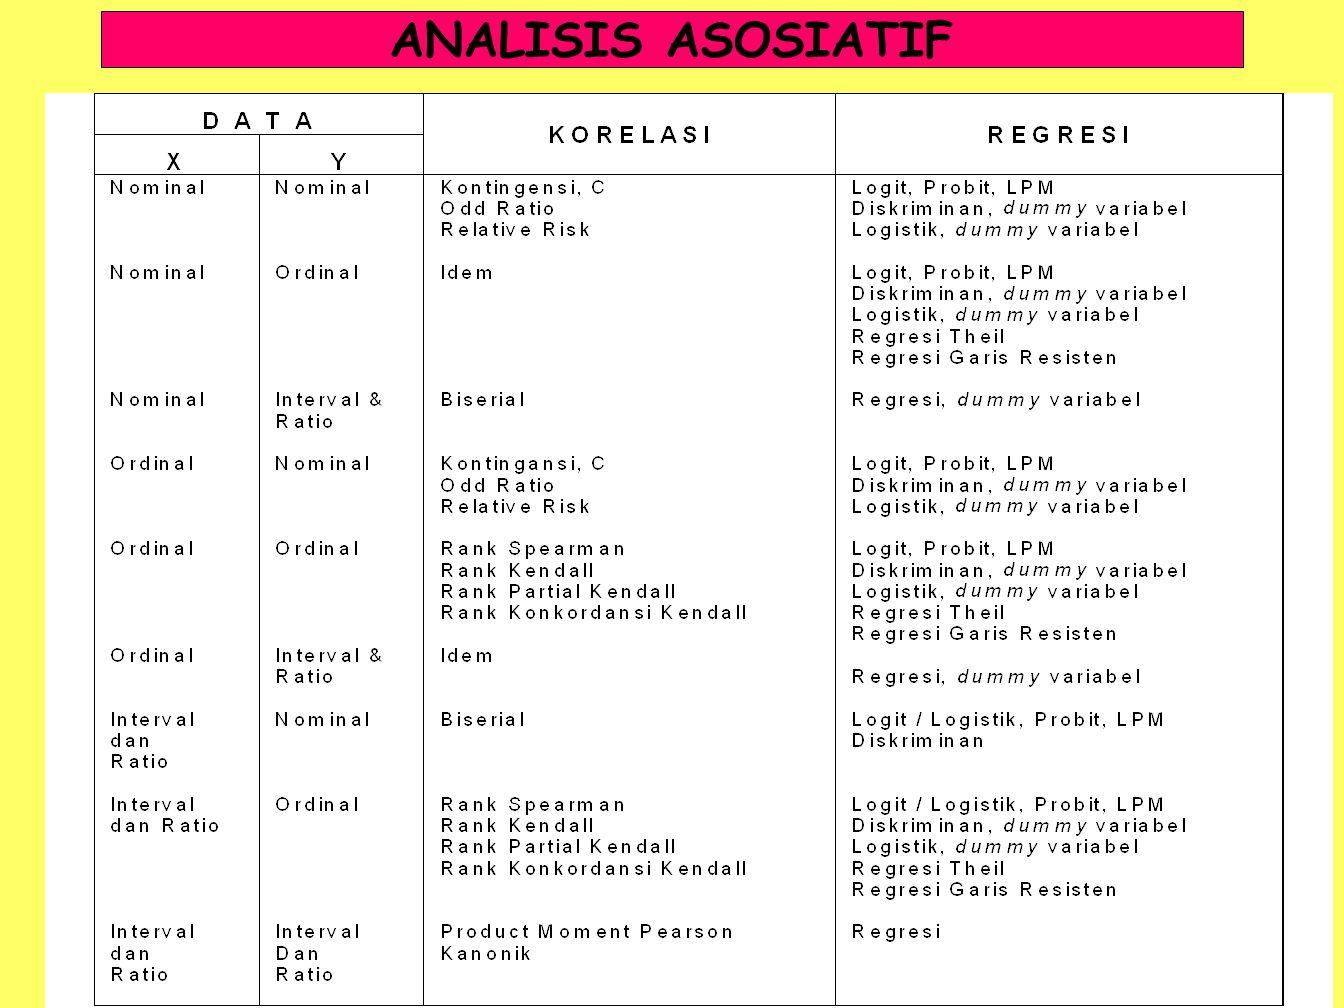 ANALISIS ASOSIATIF